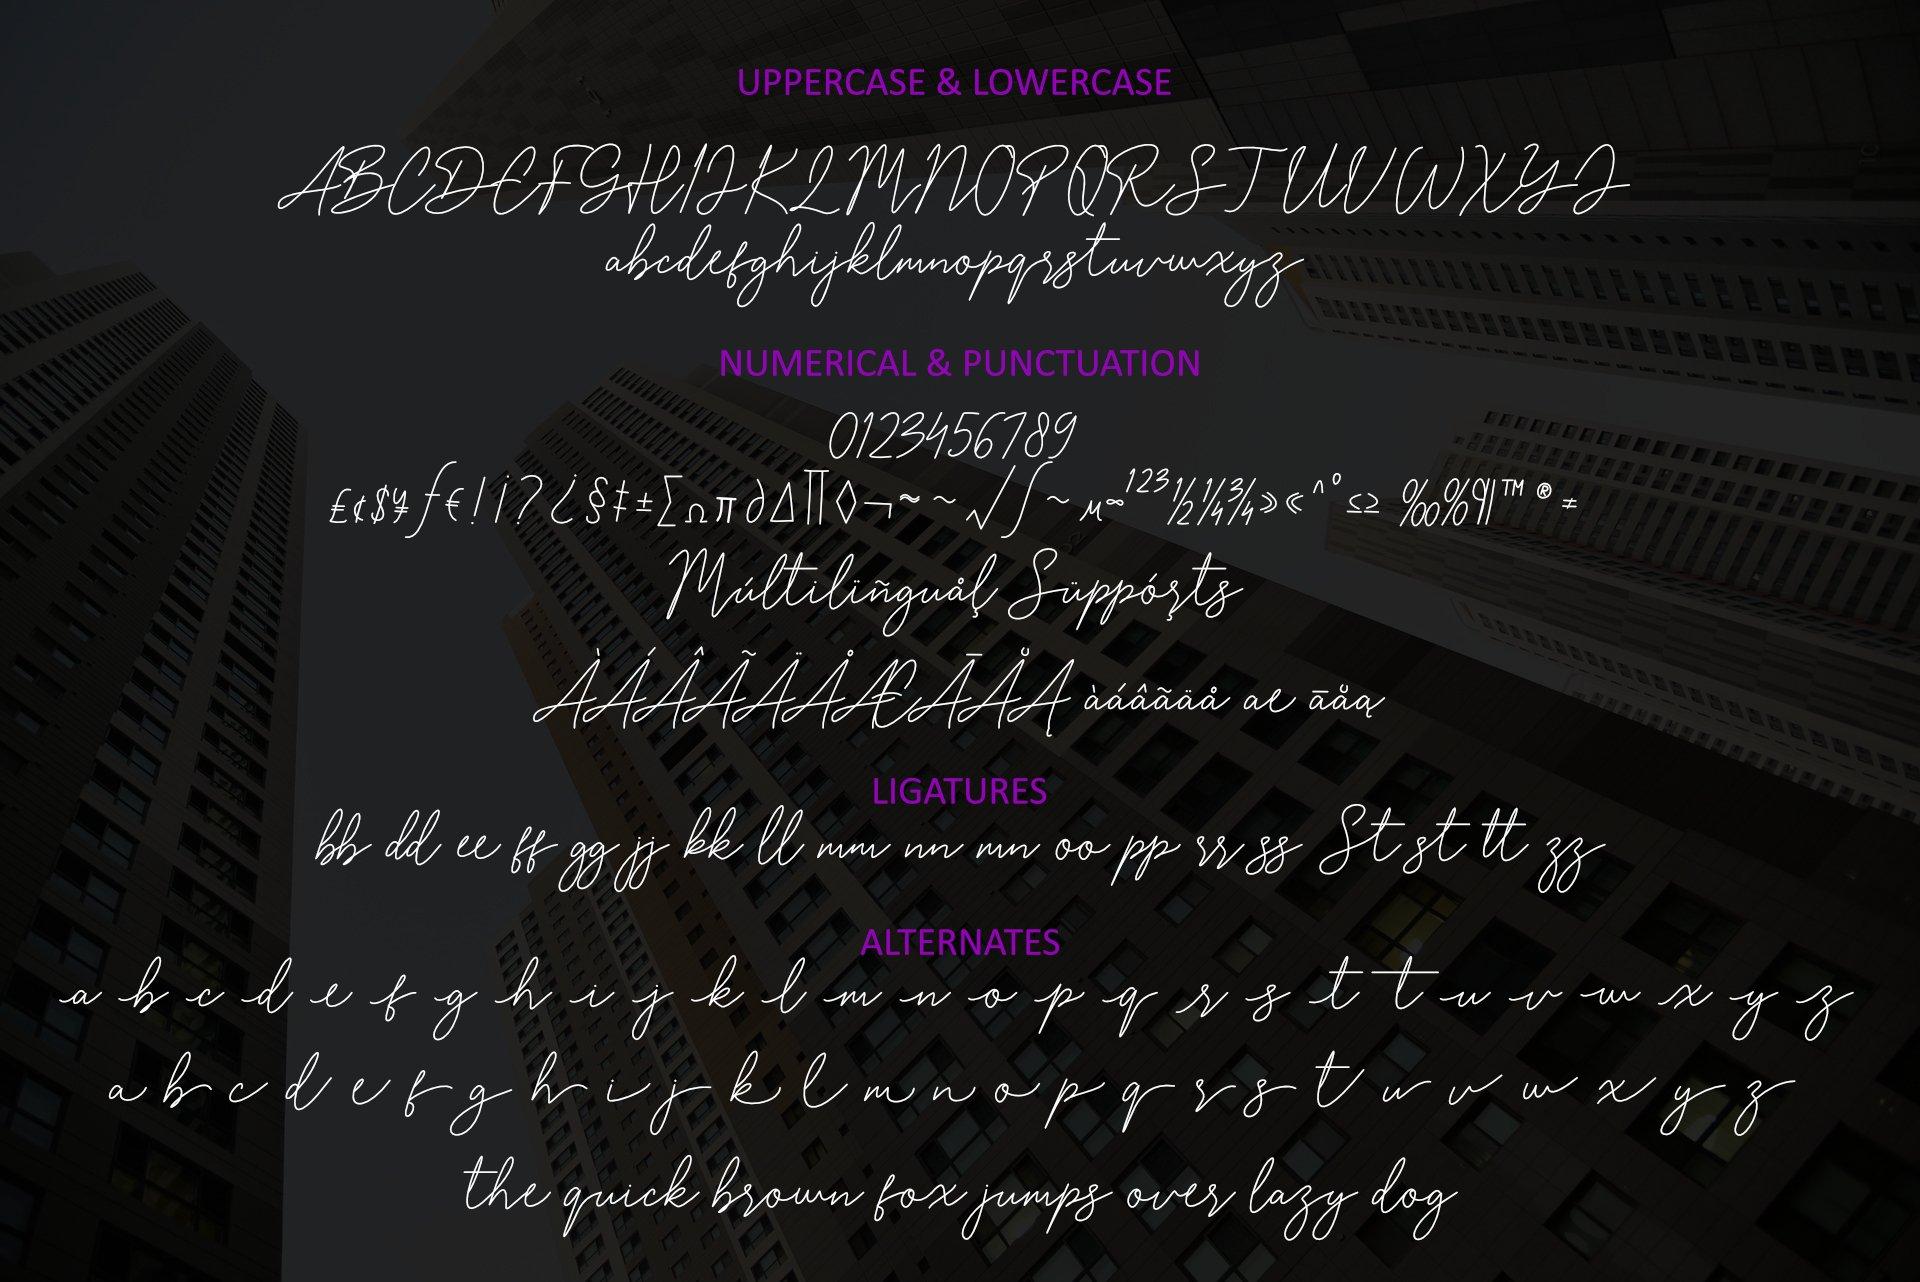 Rolling Bologna Modern Handwritten Font -3